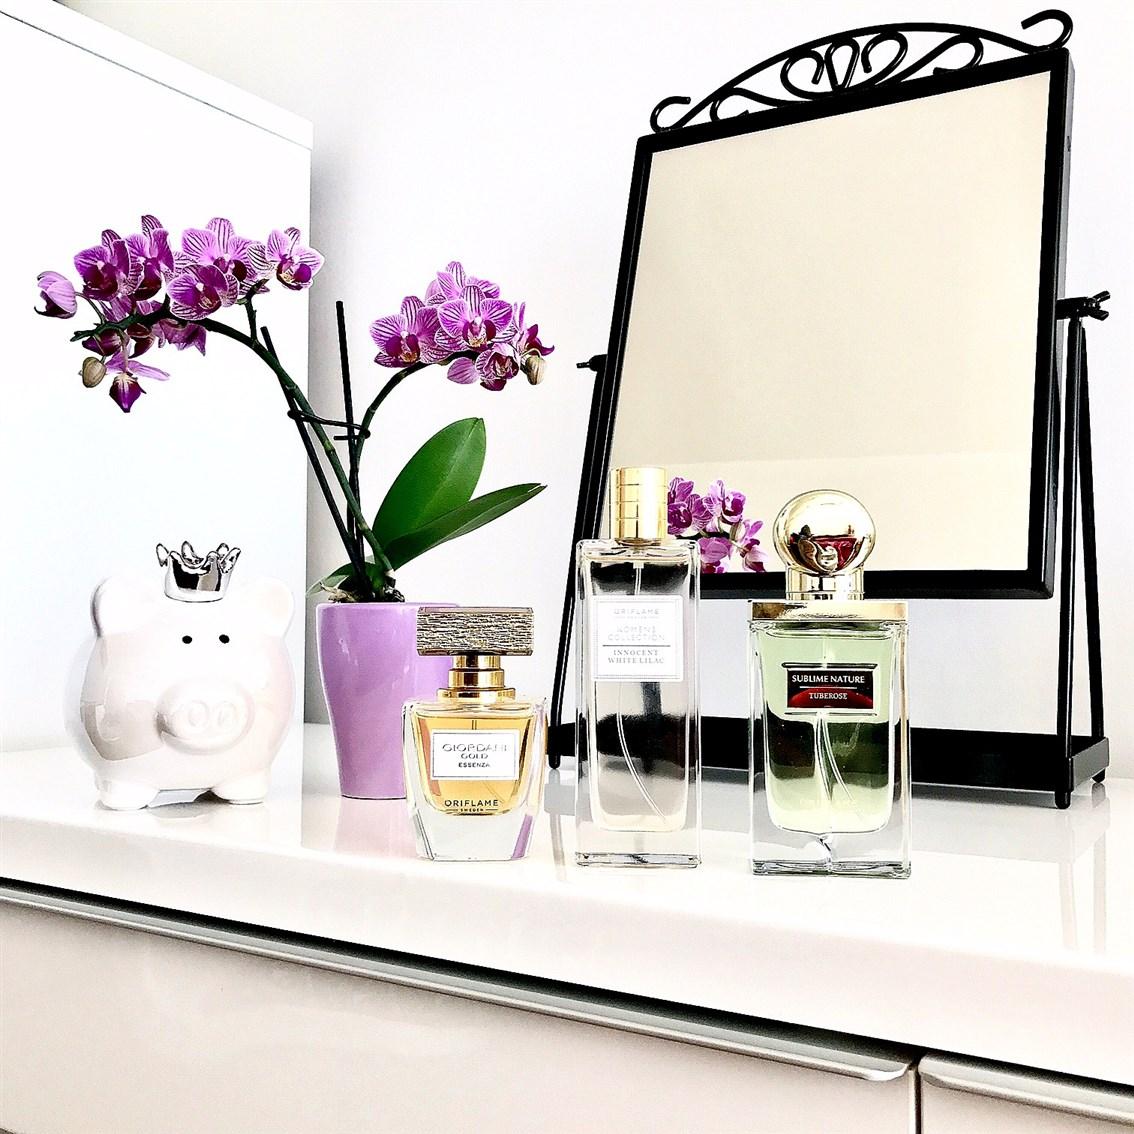 zdjęcie przedstawiające 3 zapachy Oriflame